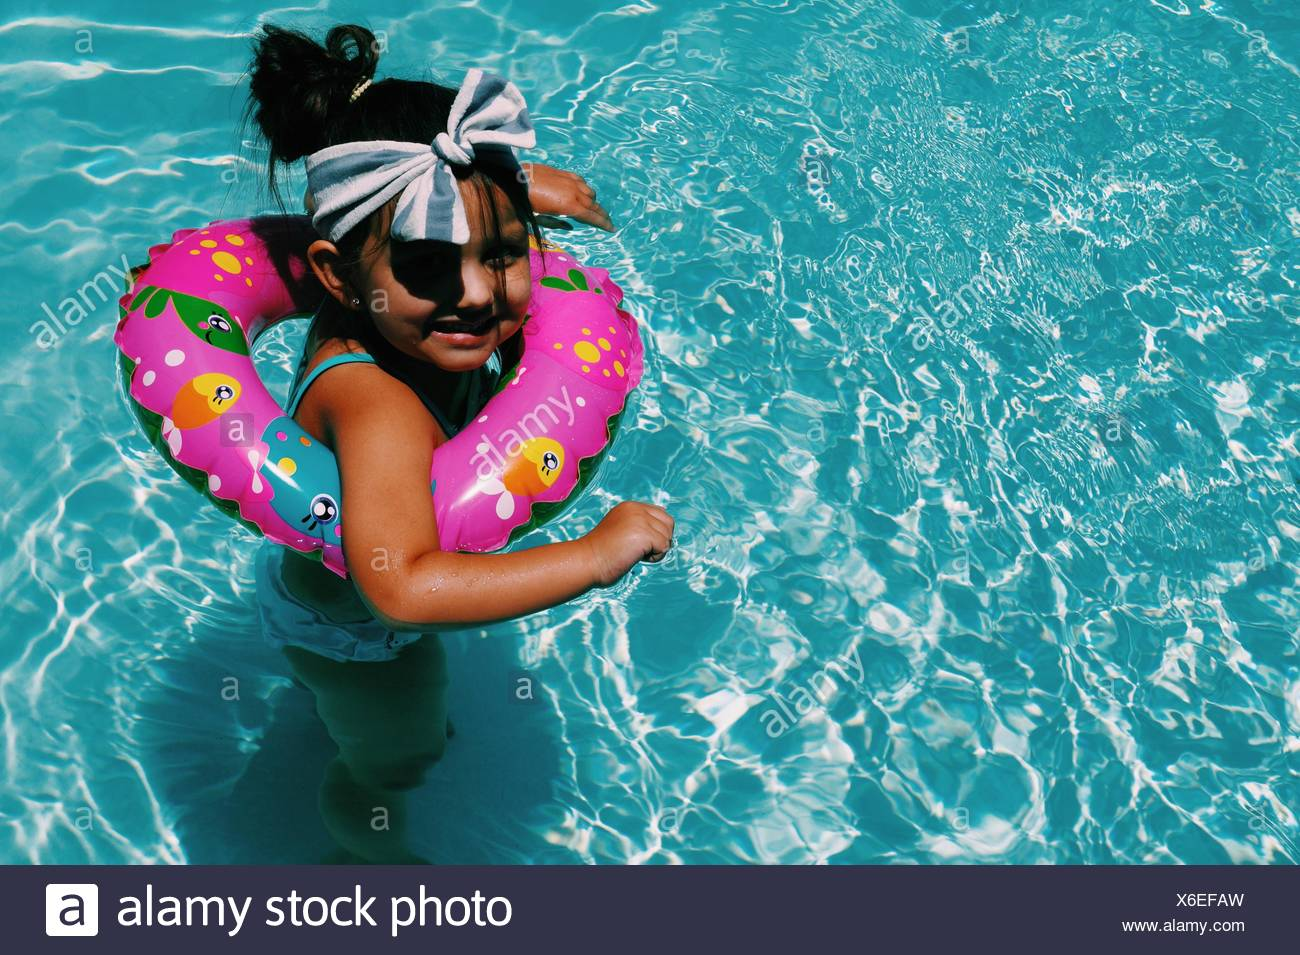 Un alto ángulo de vista de niña alegre nadar en piscina con salvavidas Foto de stock